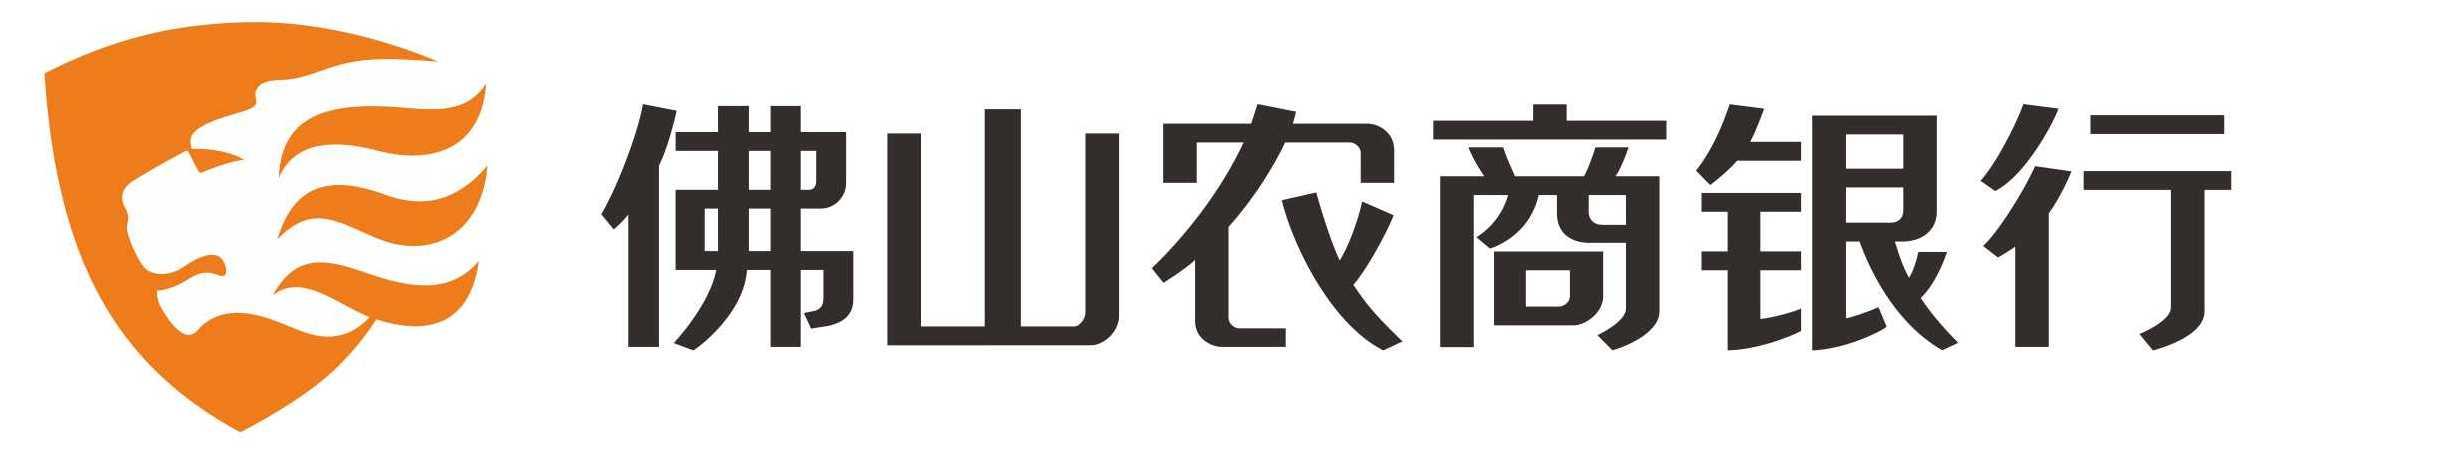 佛山农村商业银行股份有限公司宣讲会